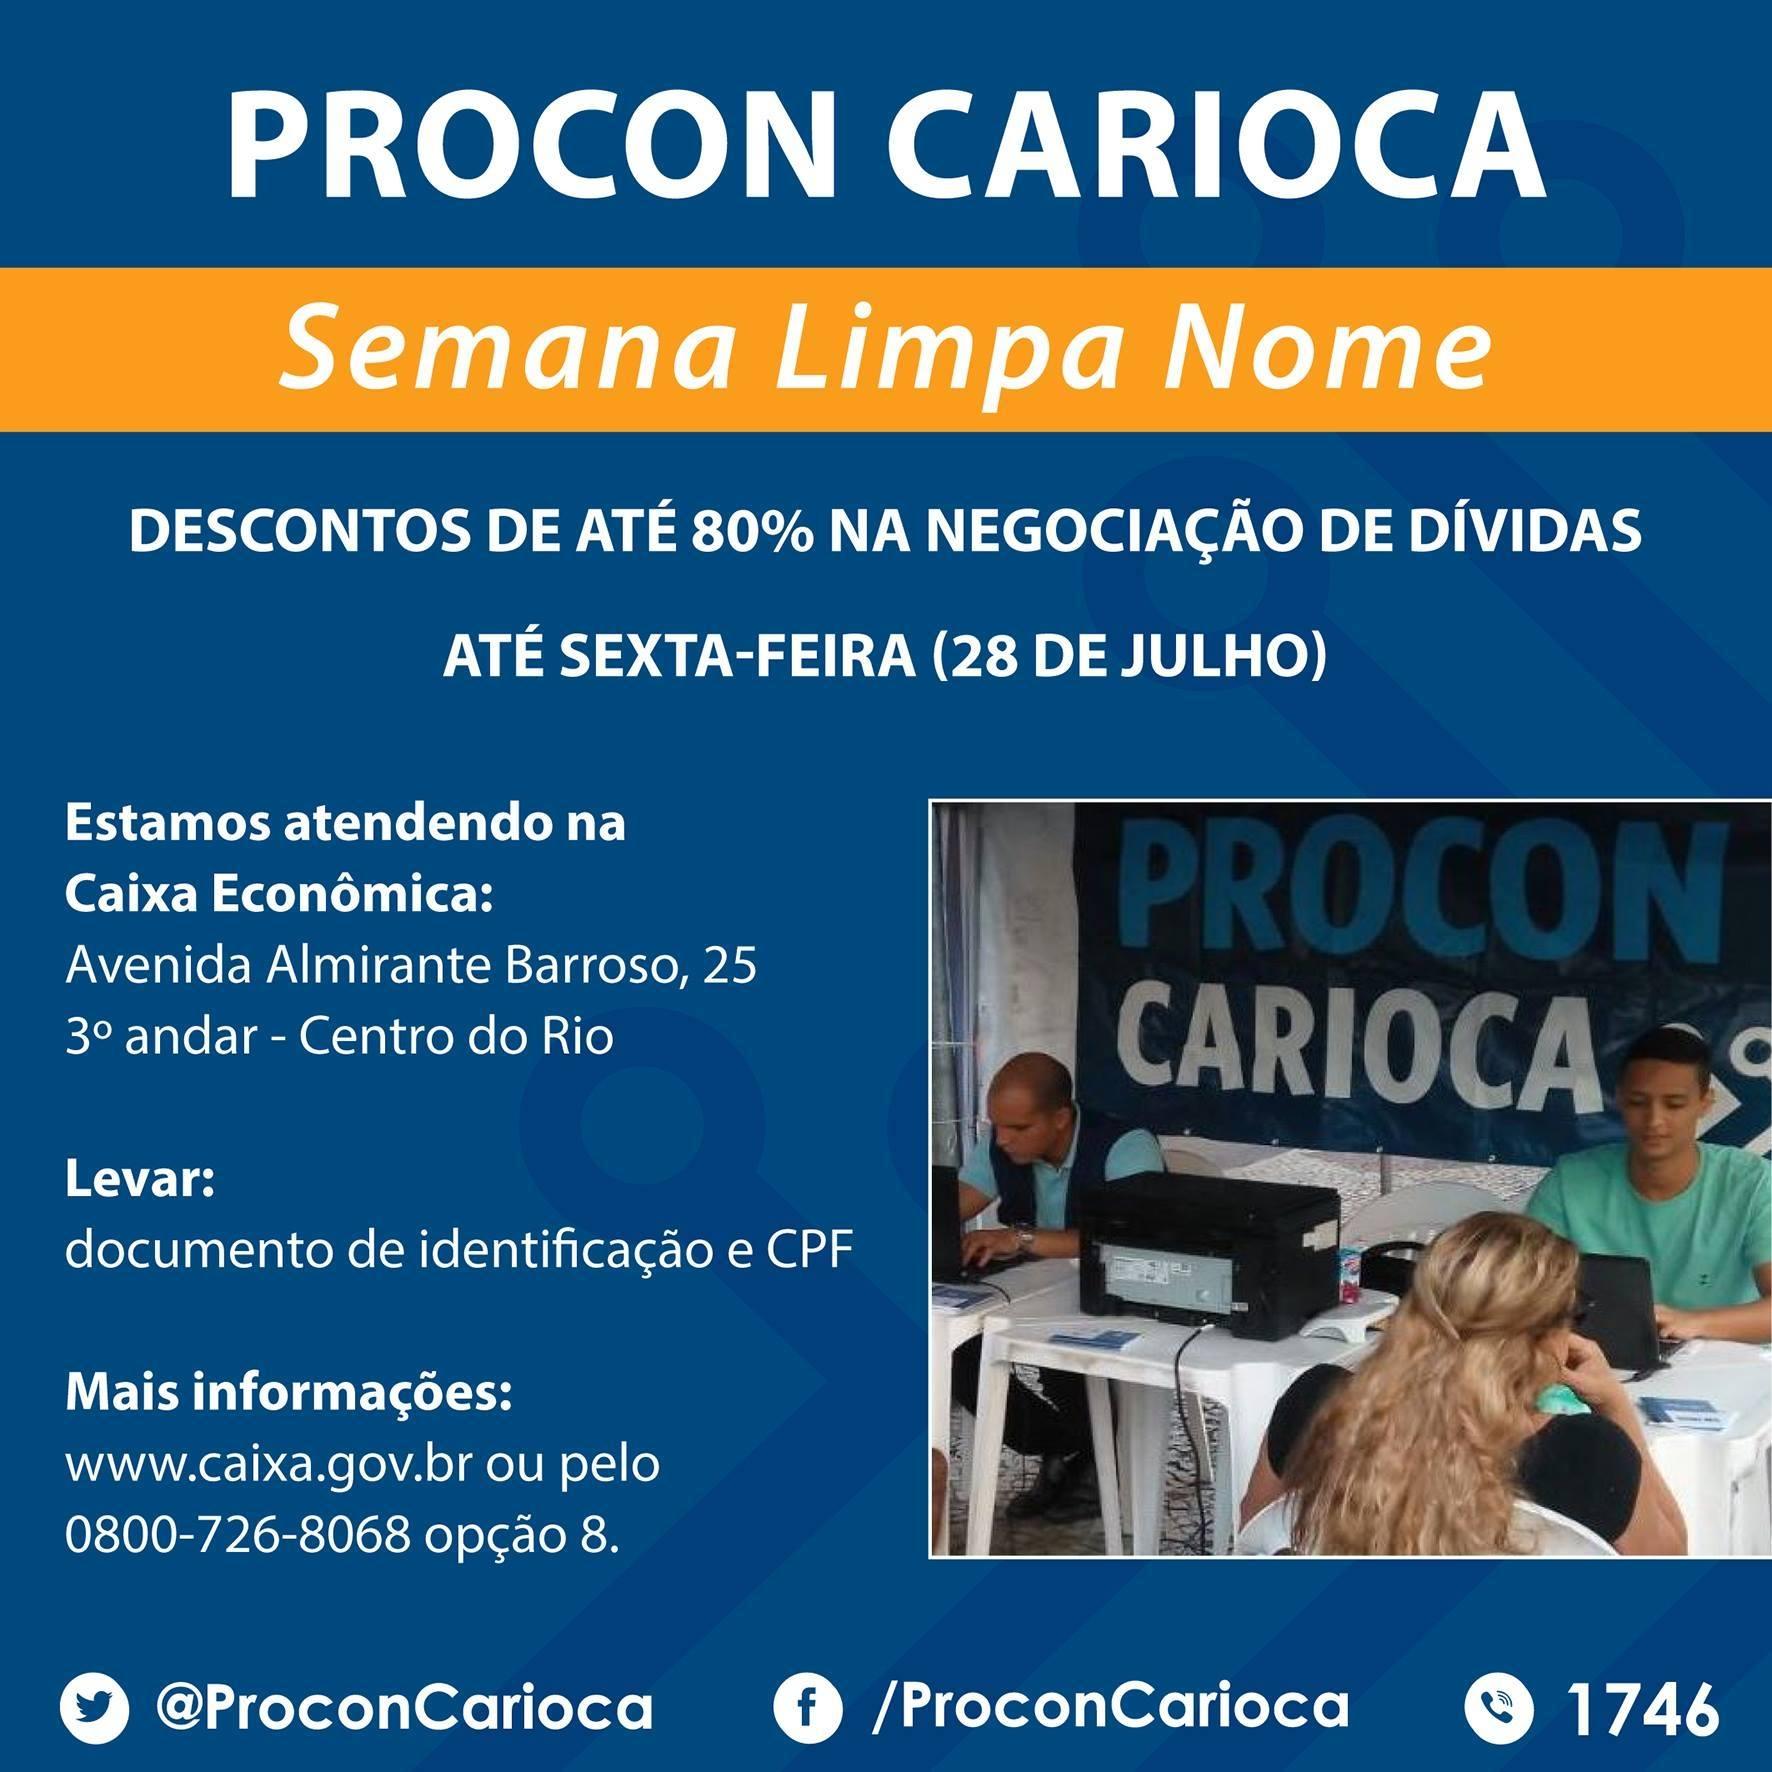 Procon Carioca e Caixa alertam para último dia da Semana Limpa Nome